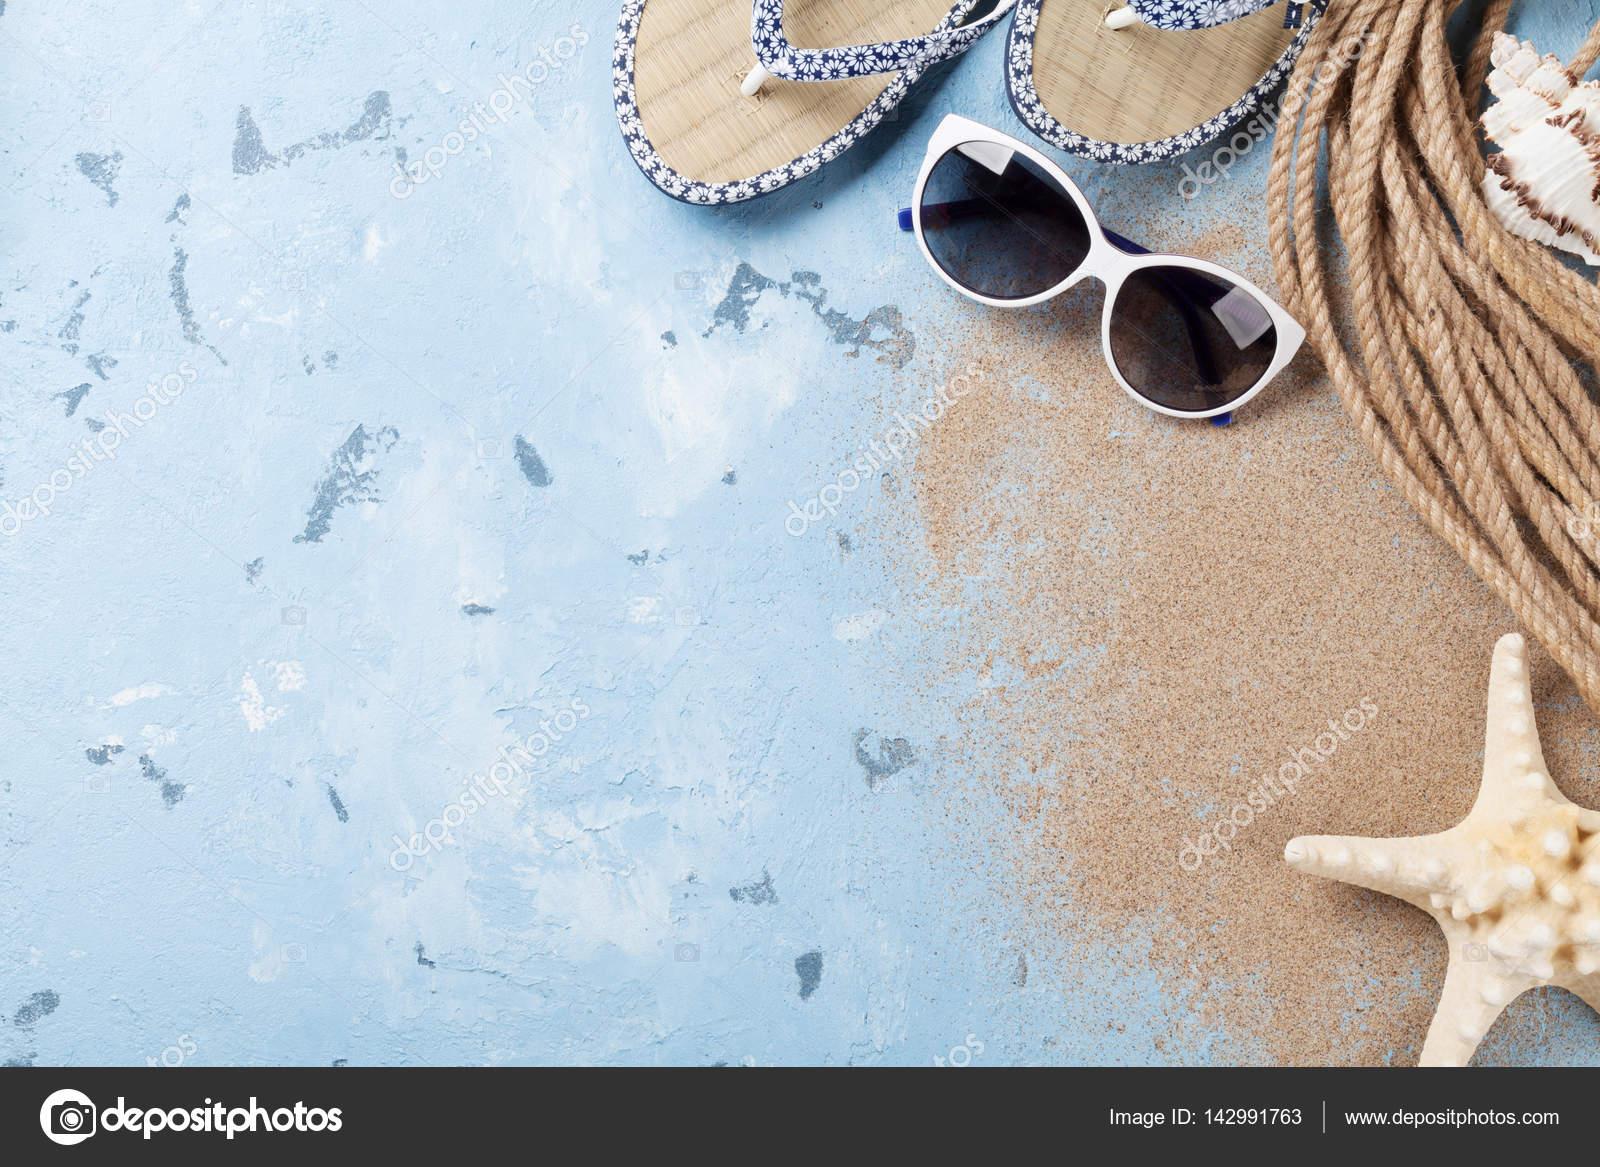 9150d4ad1d54e Plaj aksesuarları, güneş gözlüğü, parmak arası terlik ve deniz kabukları  üzerinde taş arka plan, üstten görünüm — karandaev - Fotoğraf